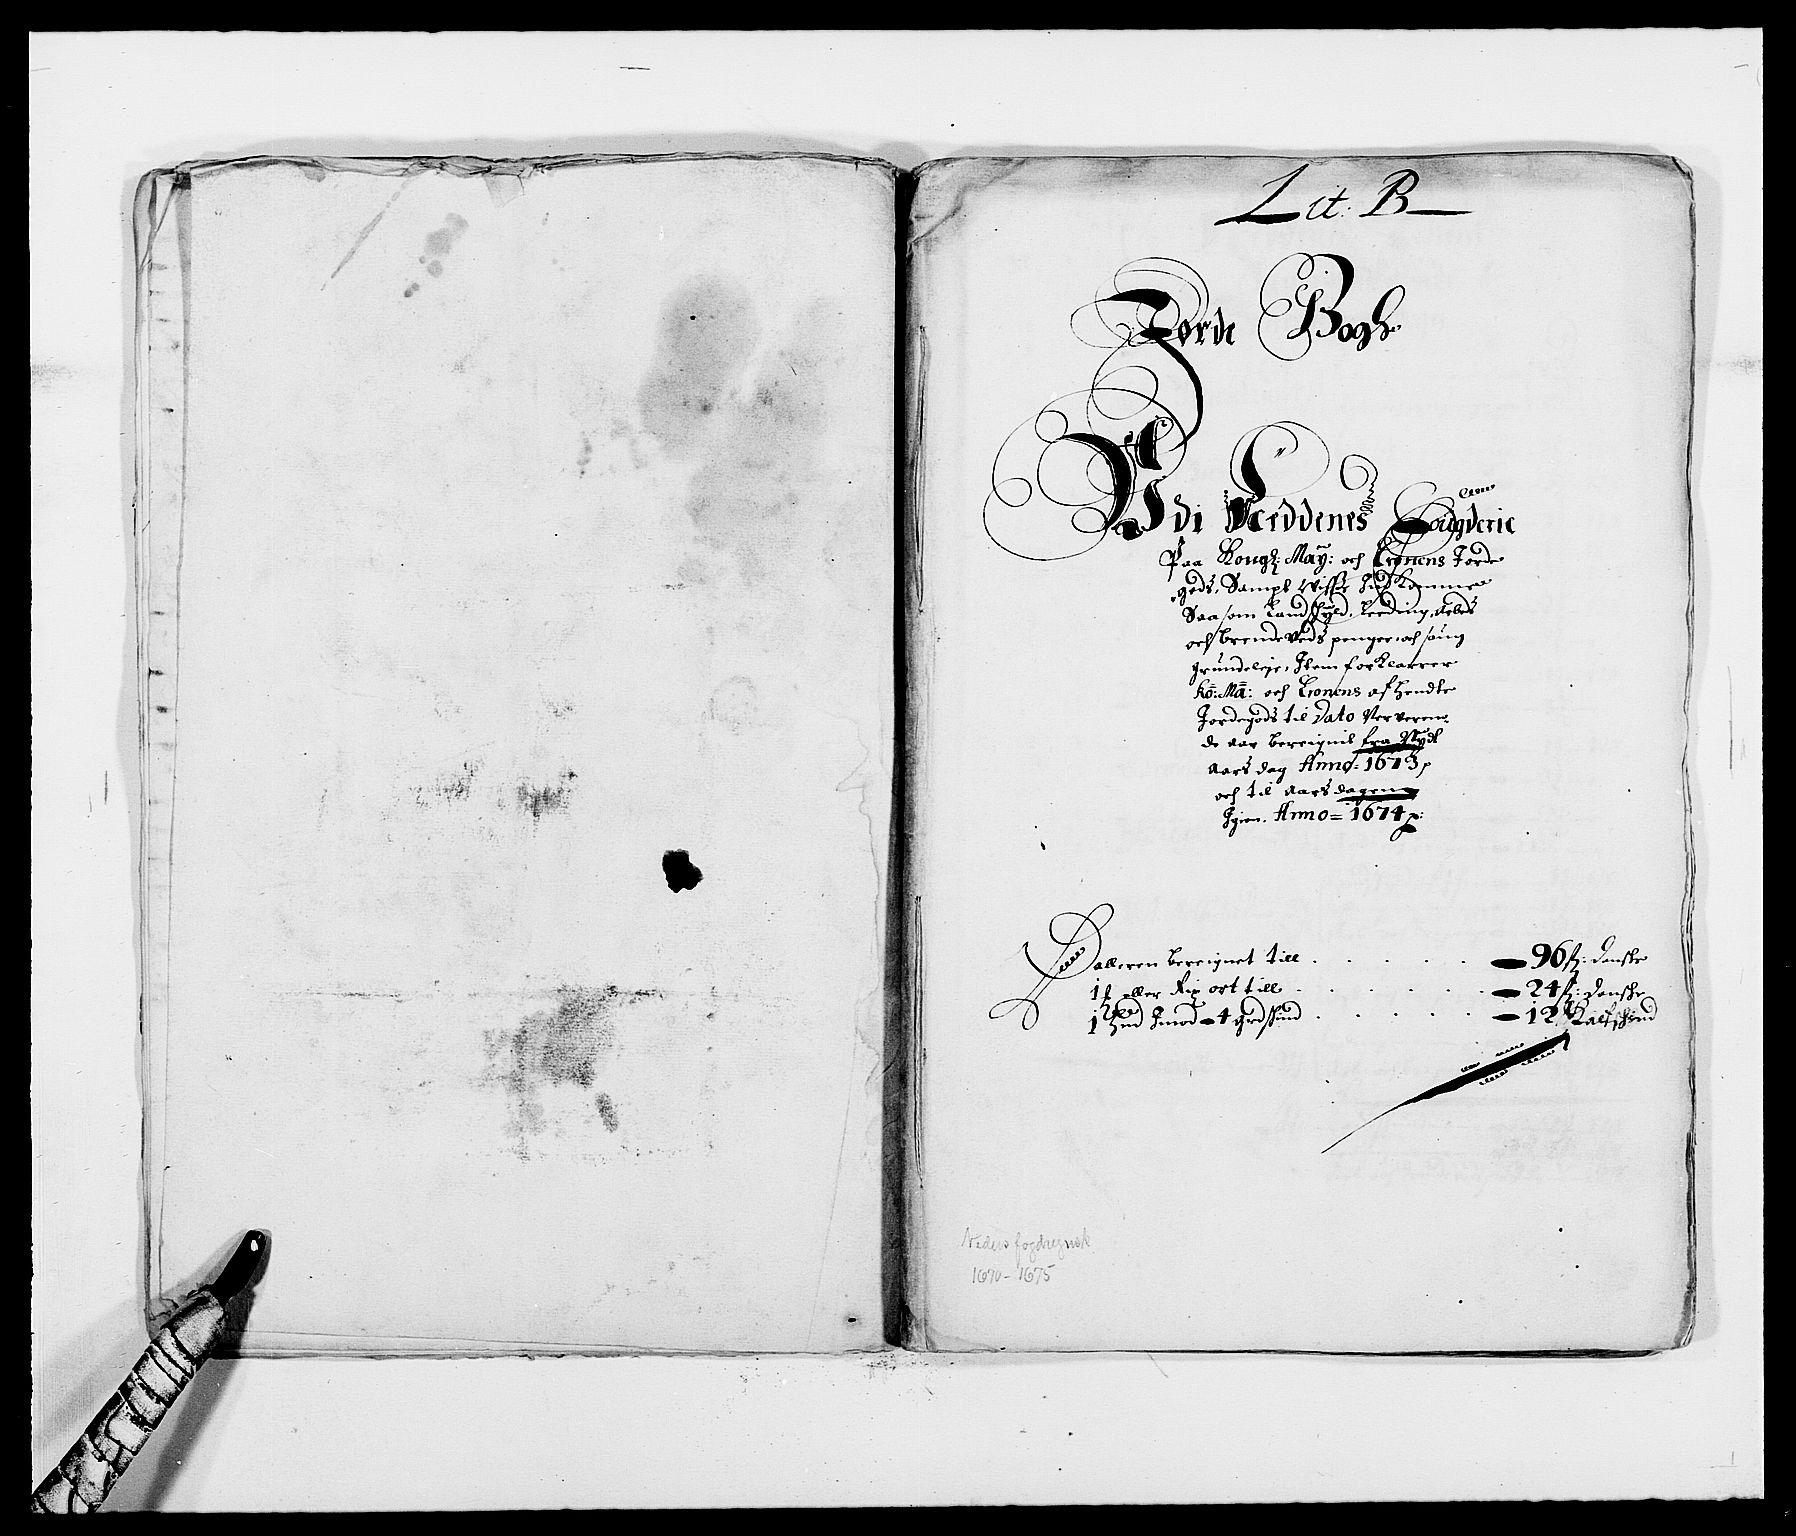 RA, Rentekammeret inntil 1814, Reviderte regnskaper, Fogderegnskap, R39/L2300: Fogderegnskap Nedenes, 1672-1674, s. 134